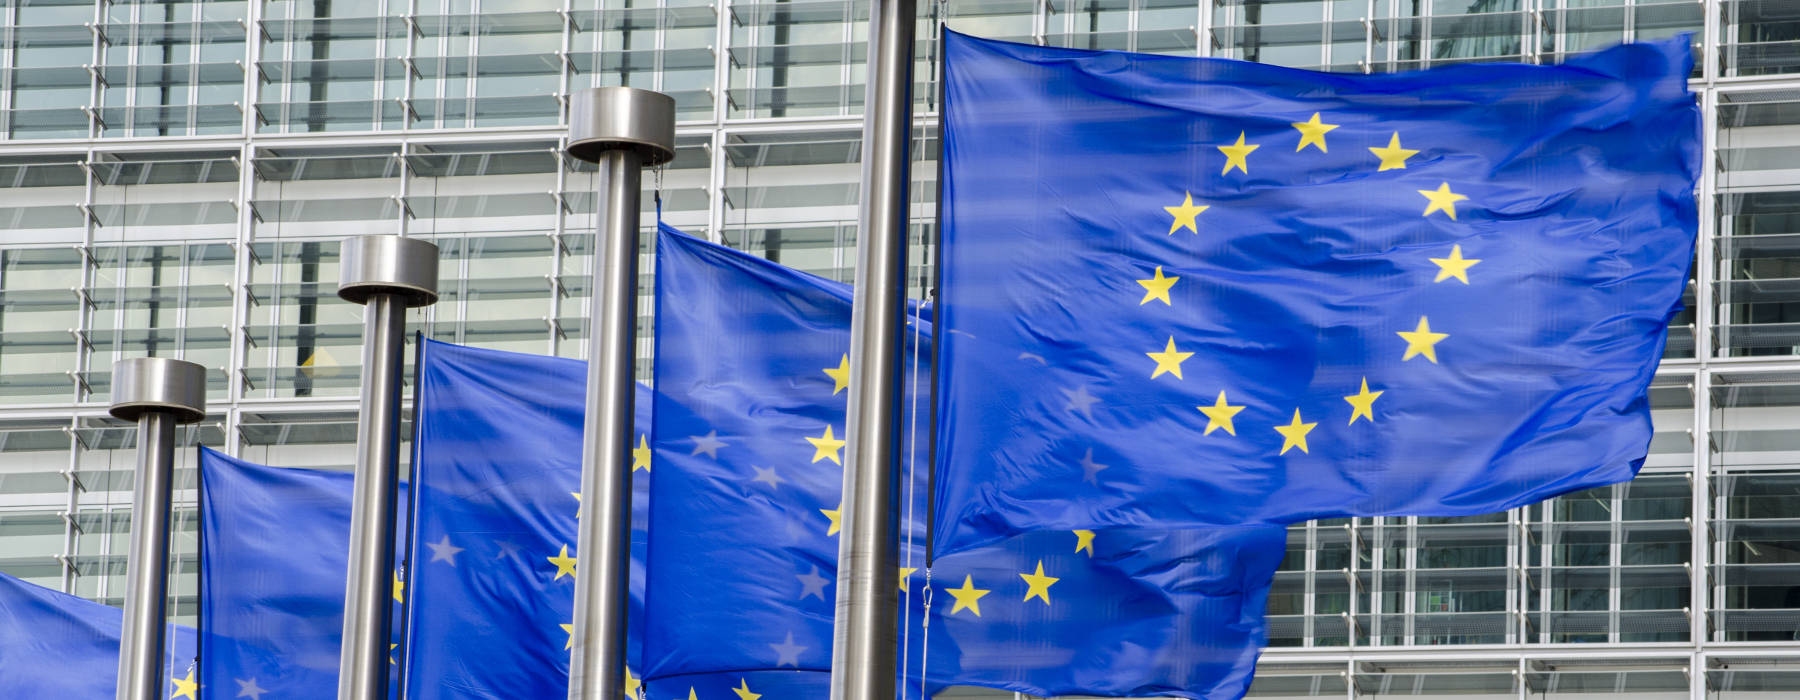 FNP nijs europa 1 flaggen